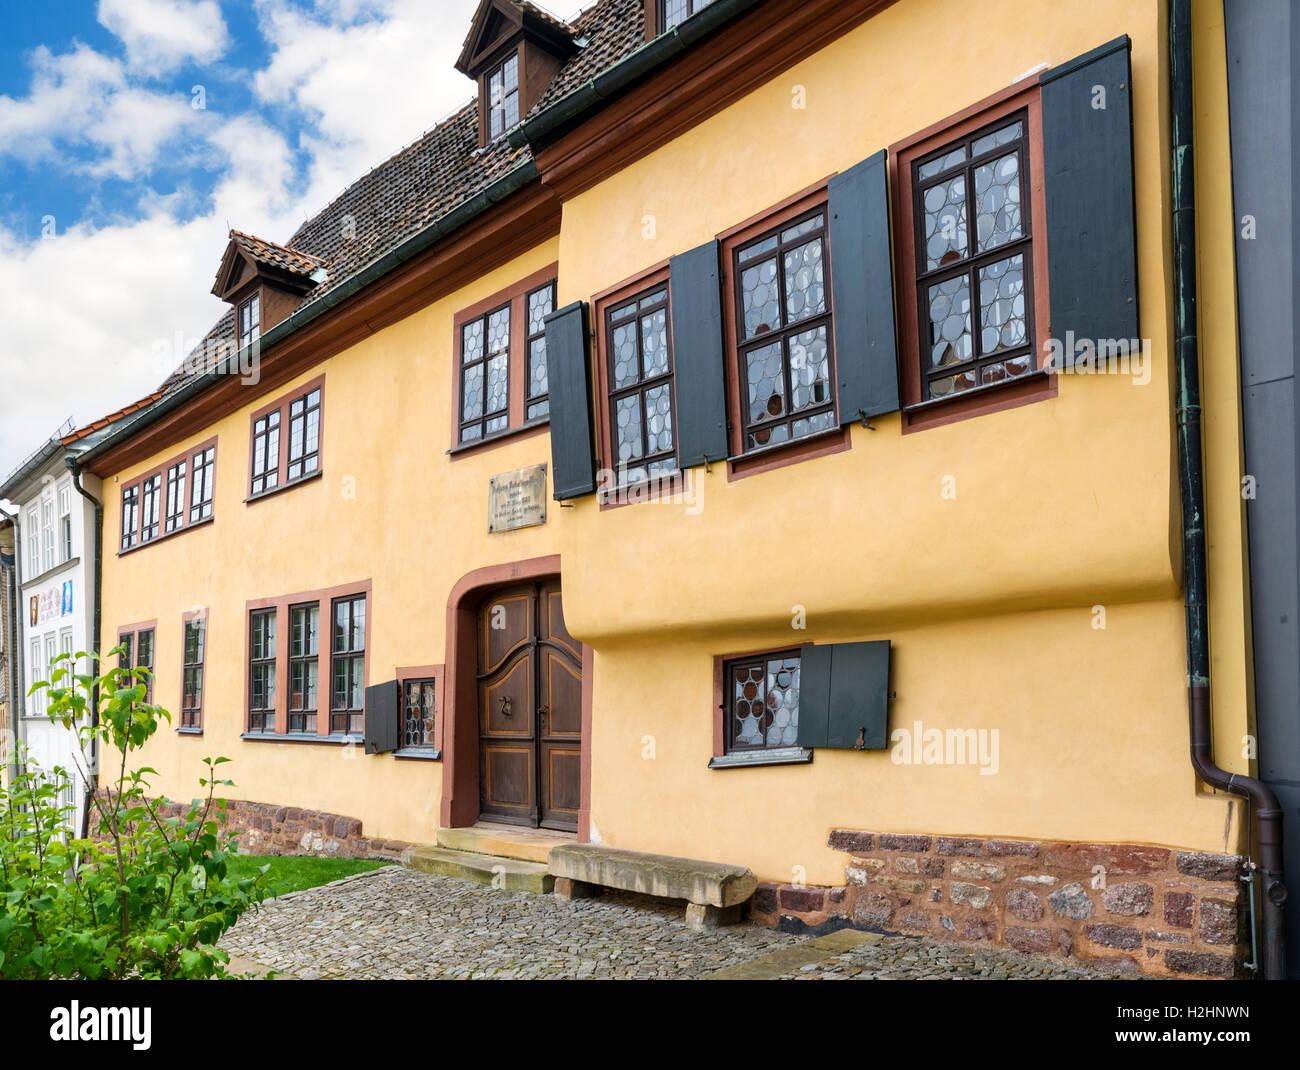 La maison de Bach à Eisenach, en Thuringe, Allemagne Banque D'Images